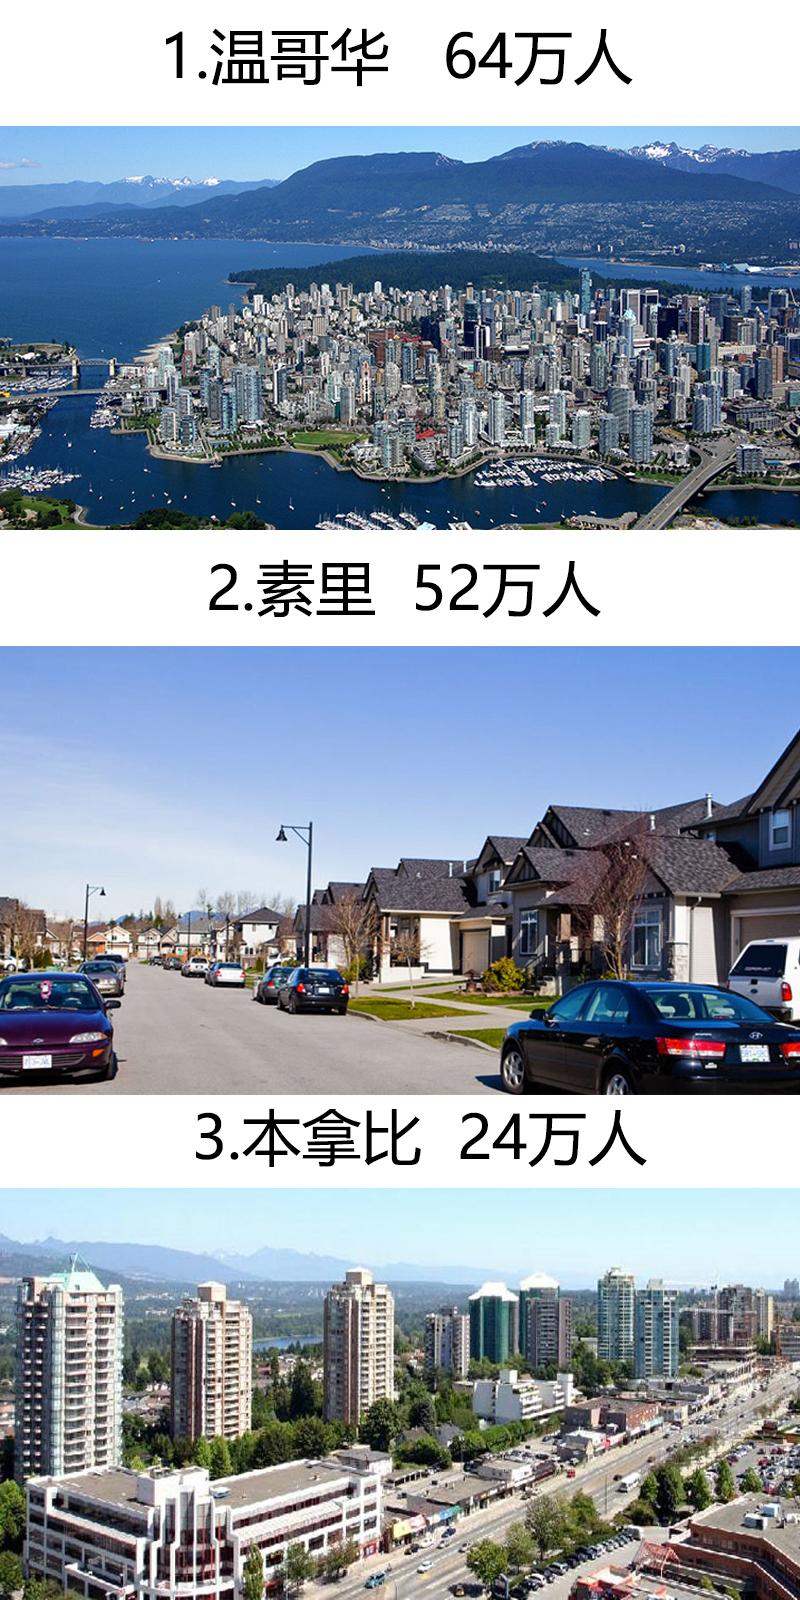 温哥华人口数量_温哥华9 的人口占据了33 的土地